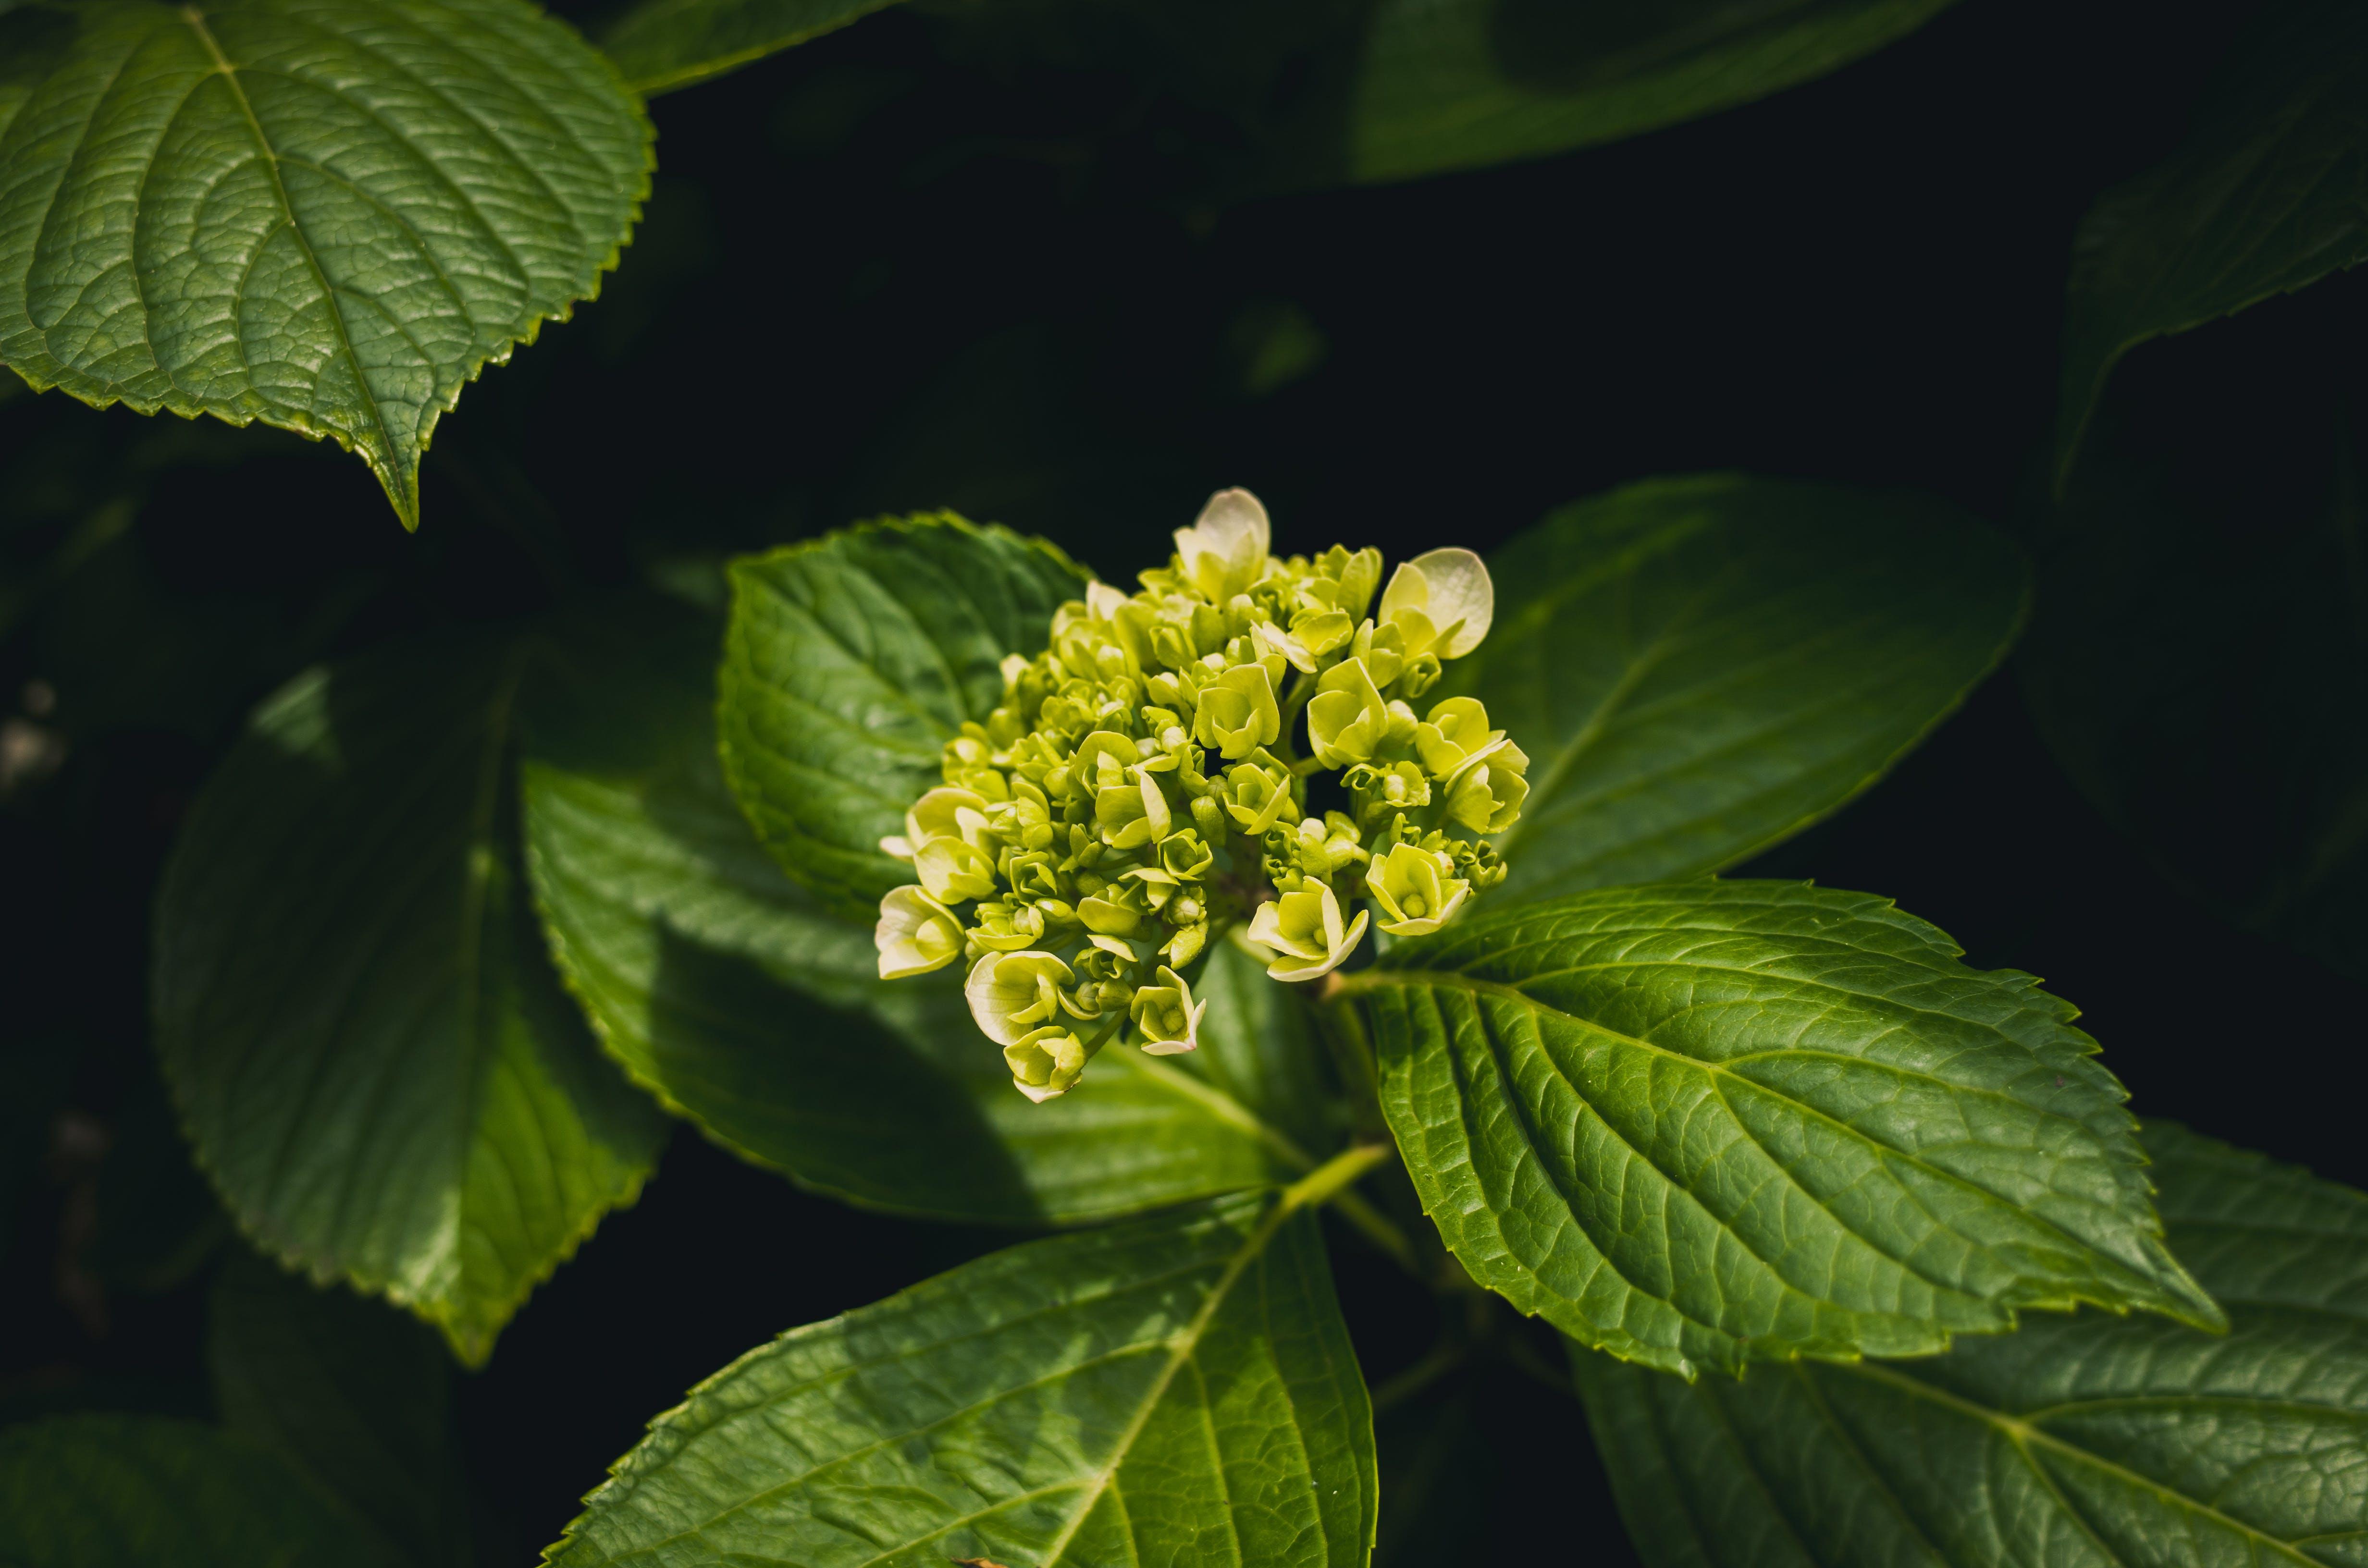 Kostenloses Stock Foto zu grüne pflanzen, grün, grüne blätter, nahansicht